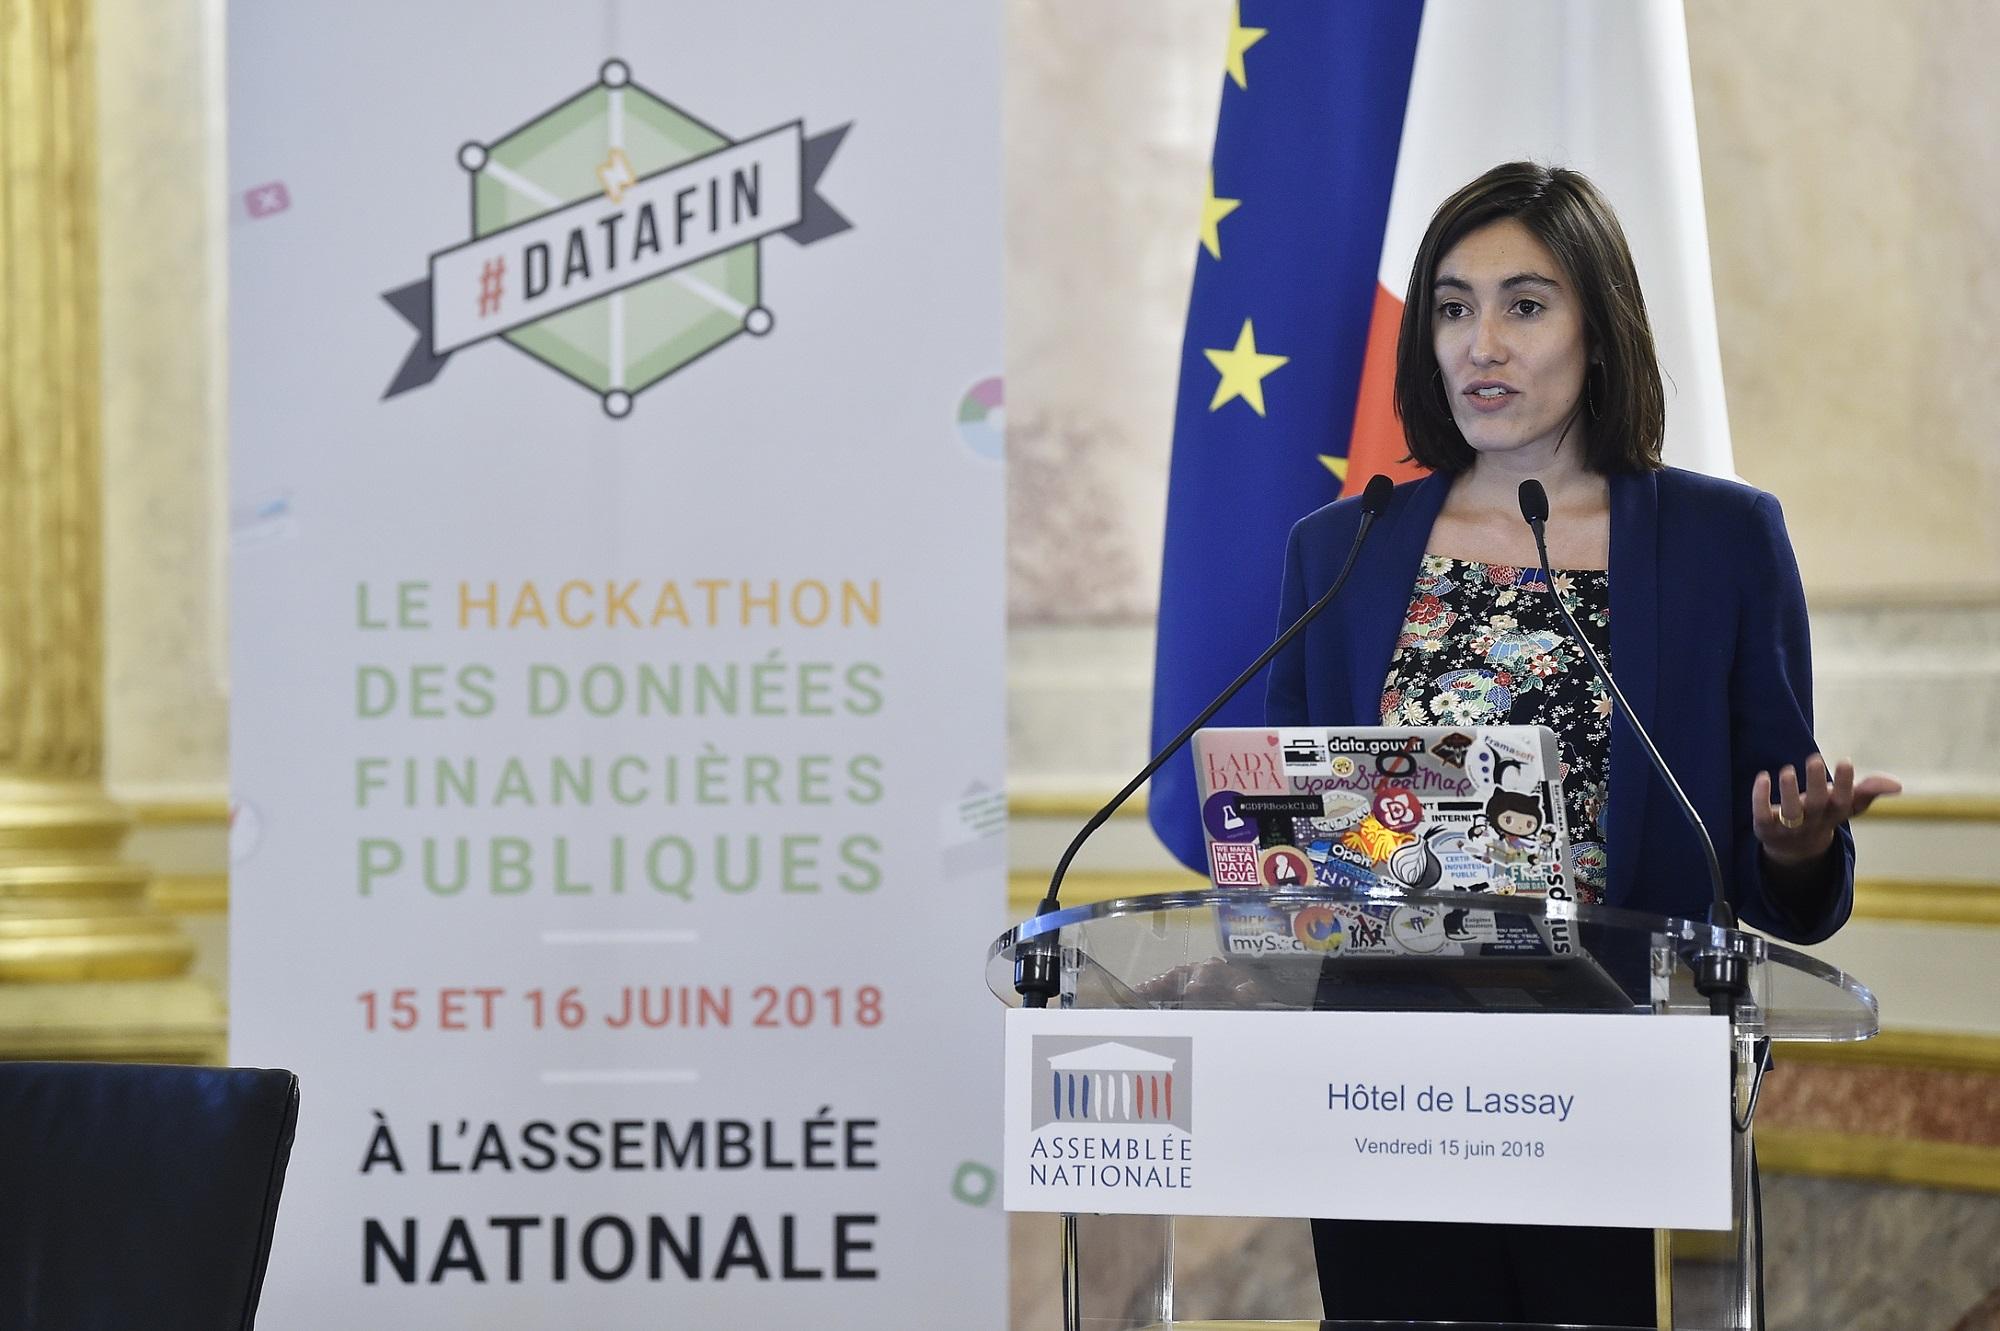 Retour sur #Datafin, le premier Hackathon consacré aux données financières publiques à l'Assemblée nationale